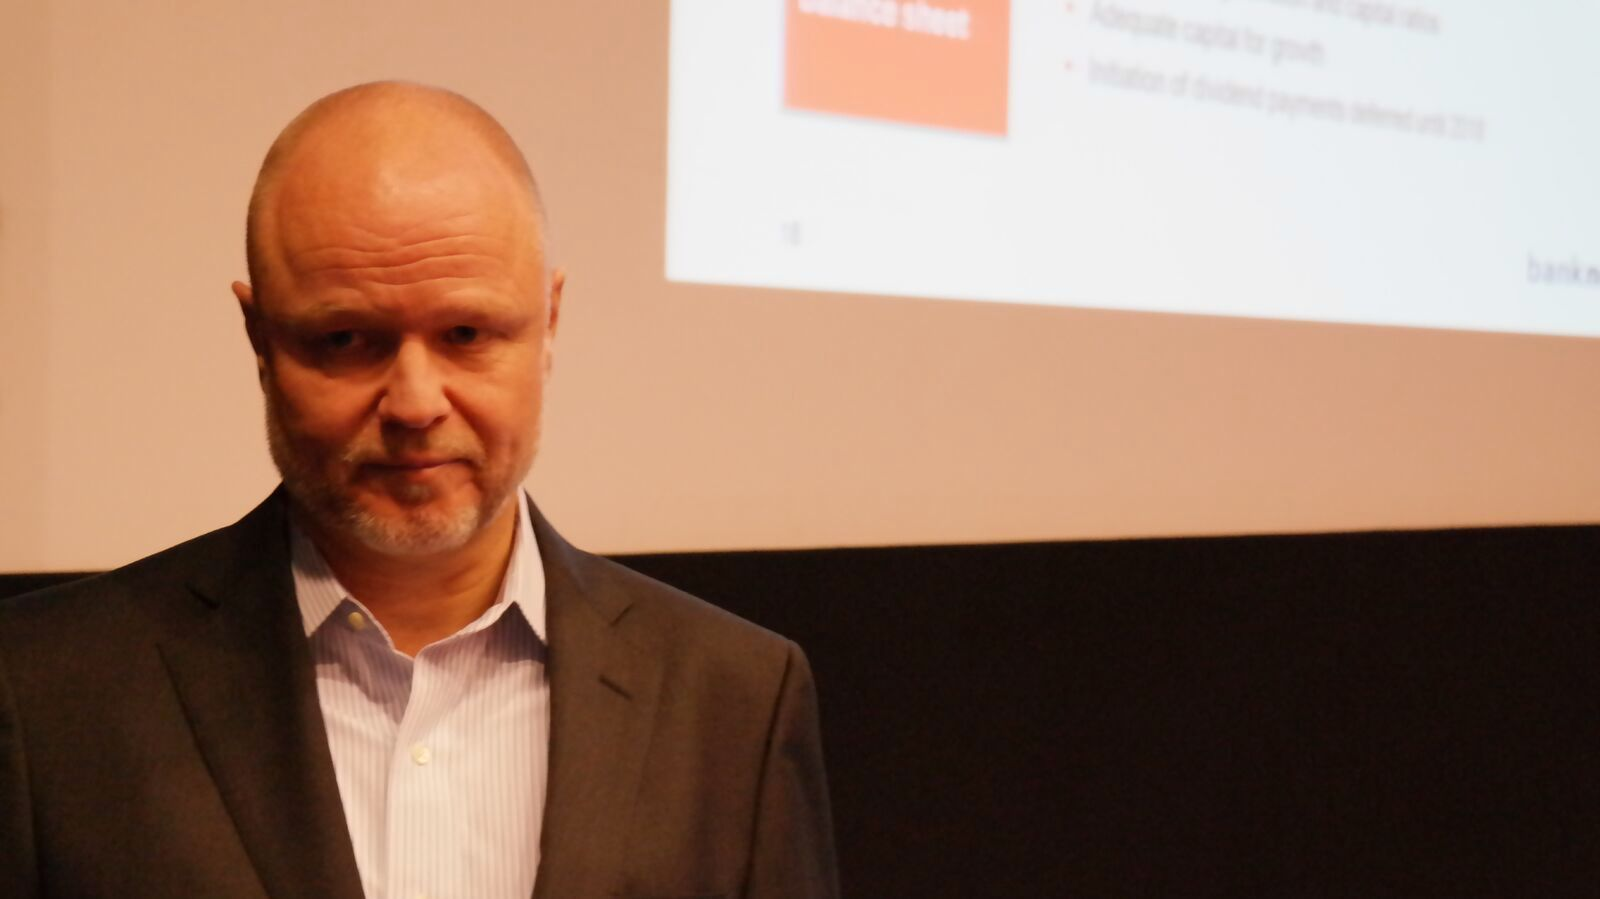 MILLIONOVERSKUDD: Bank Norwegian-sjef Pål Svenkerud presenterte i dag tallene for fjerde kvartal.